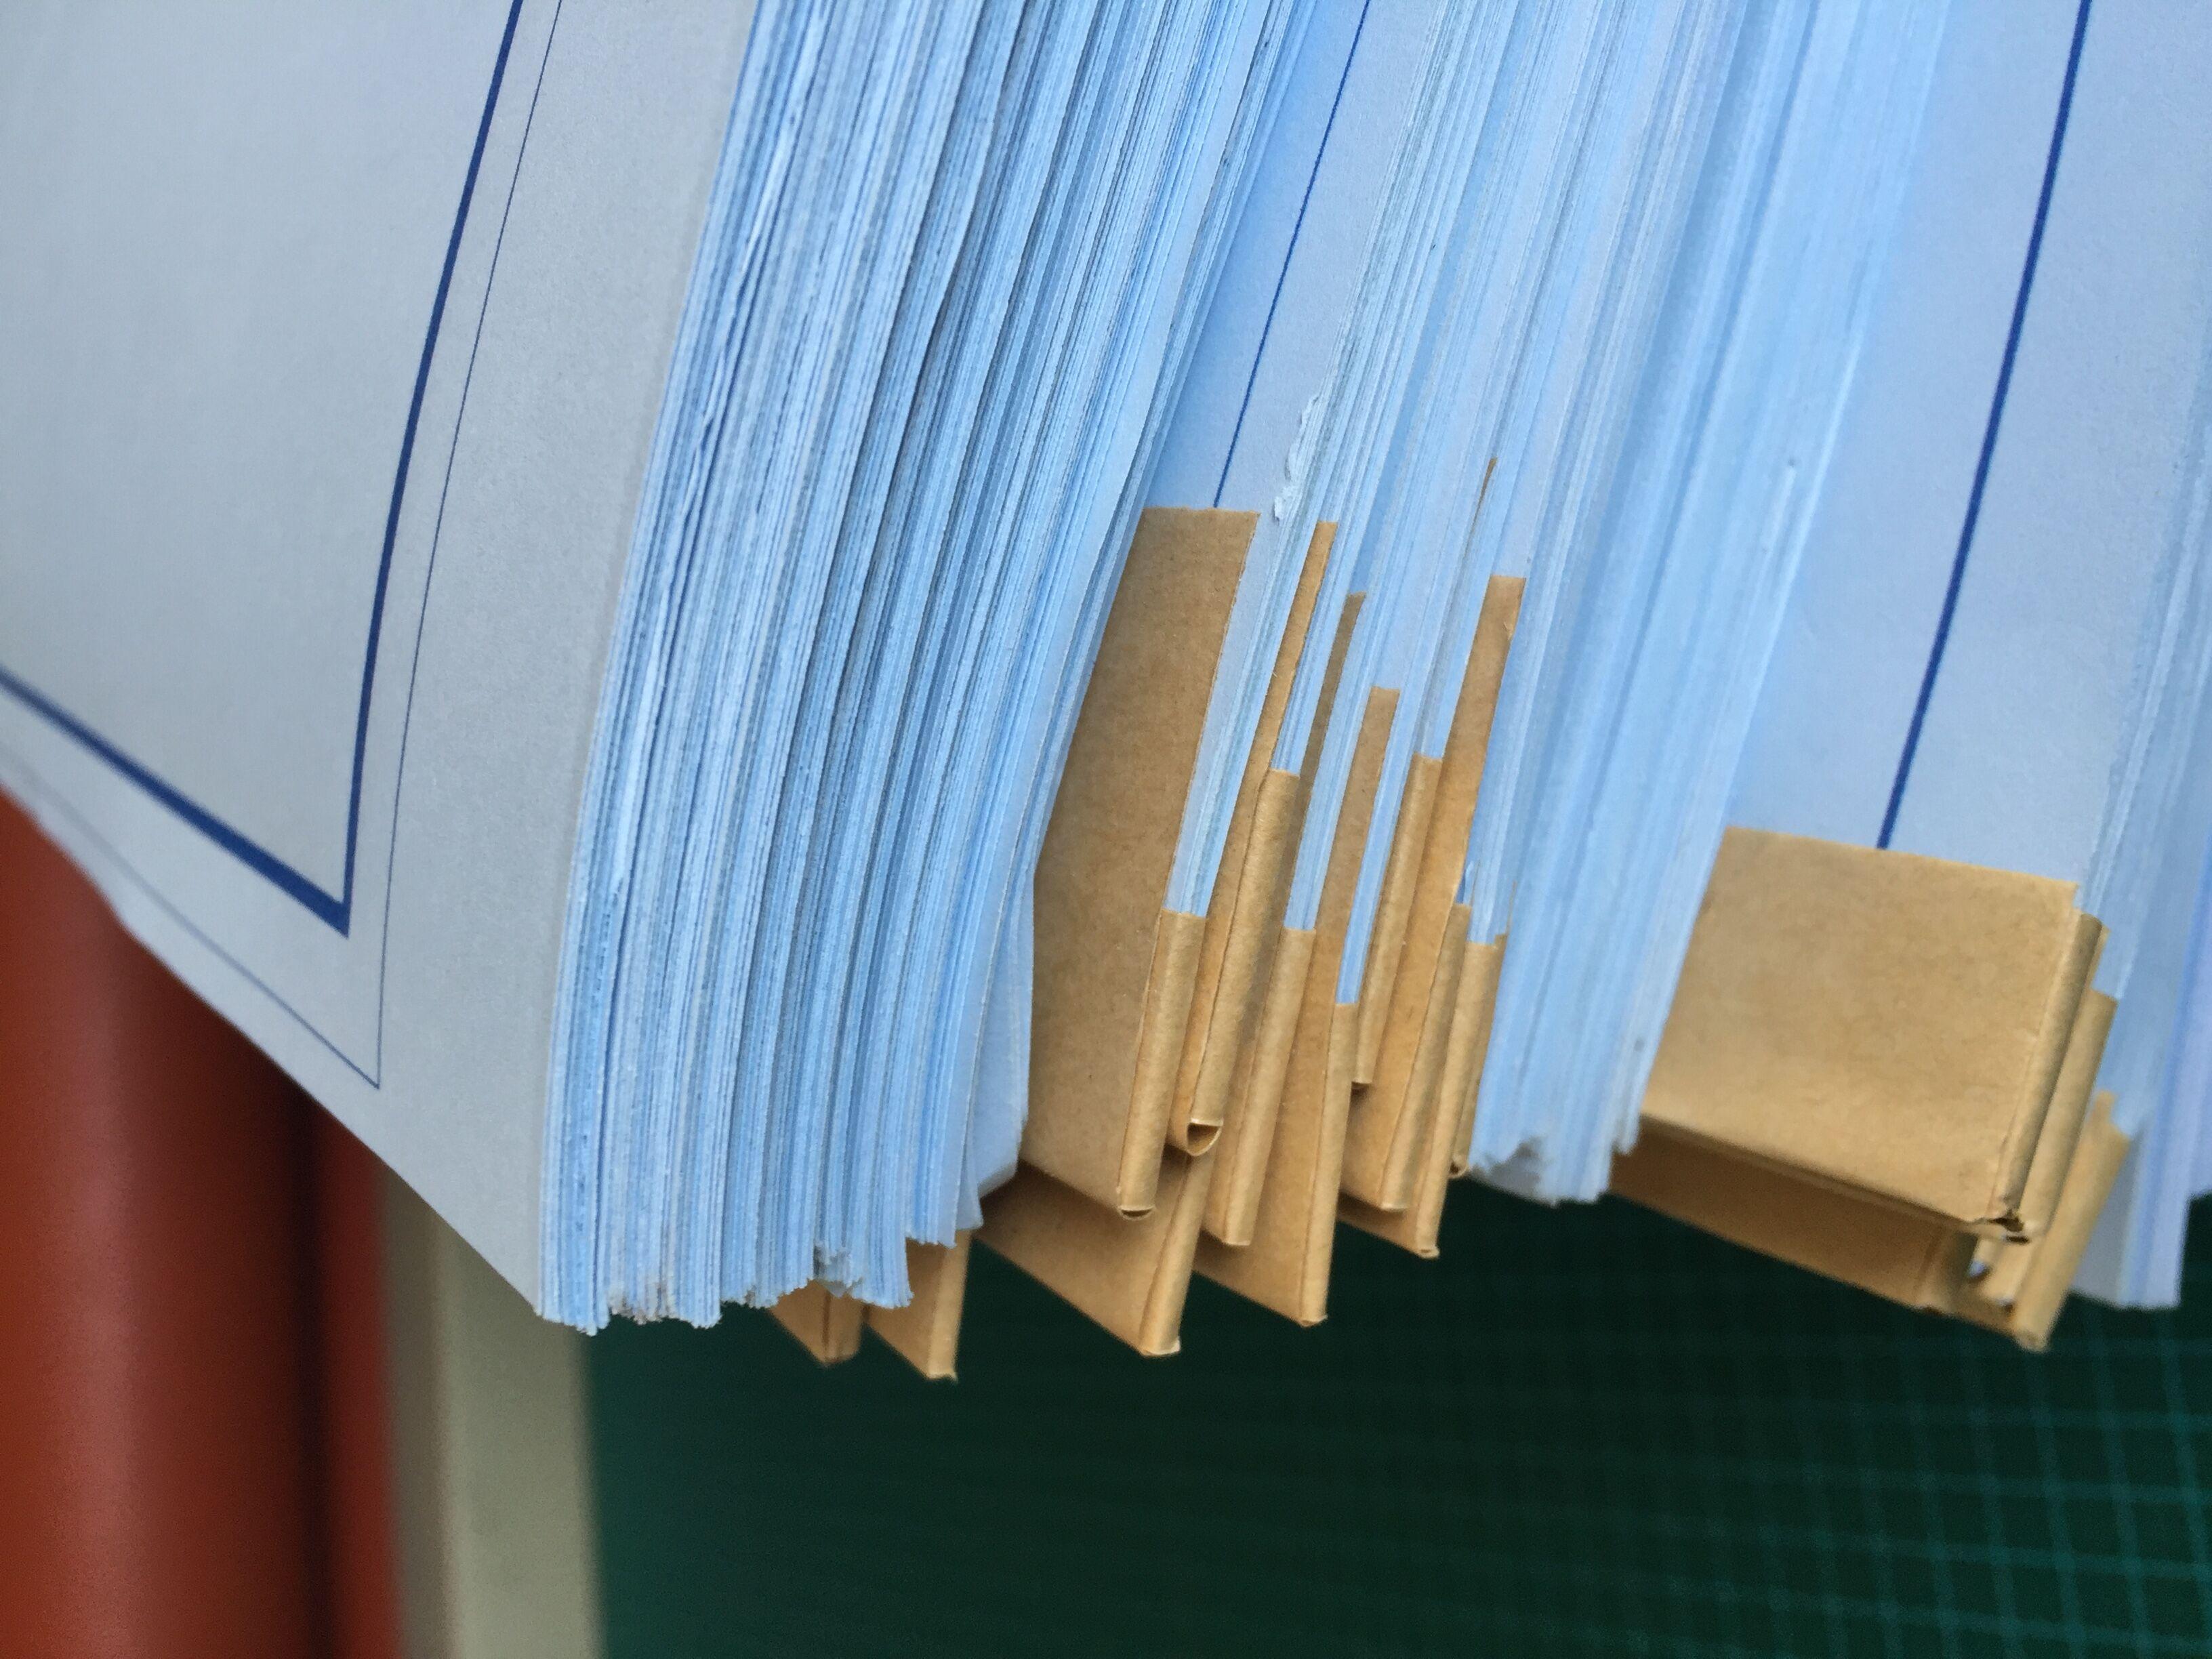 【深圳英文建筑CAD黄页打印价格】_图纸88网标题图纸栏机械龙华图片